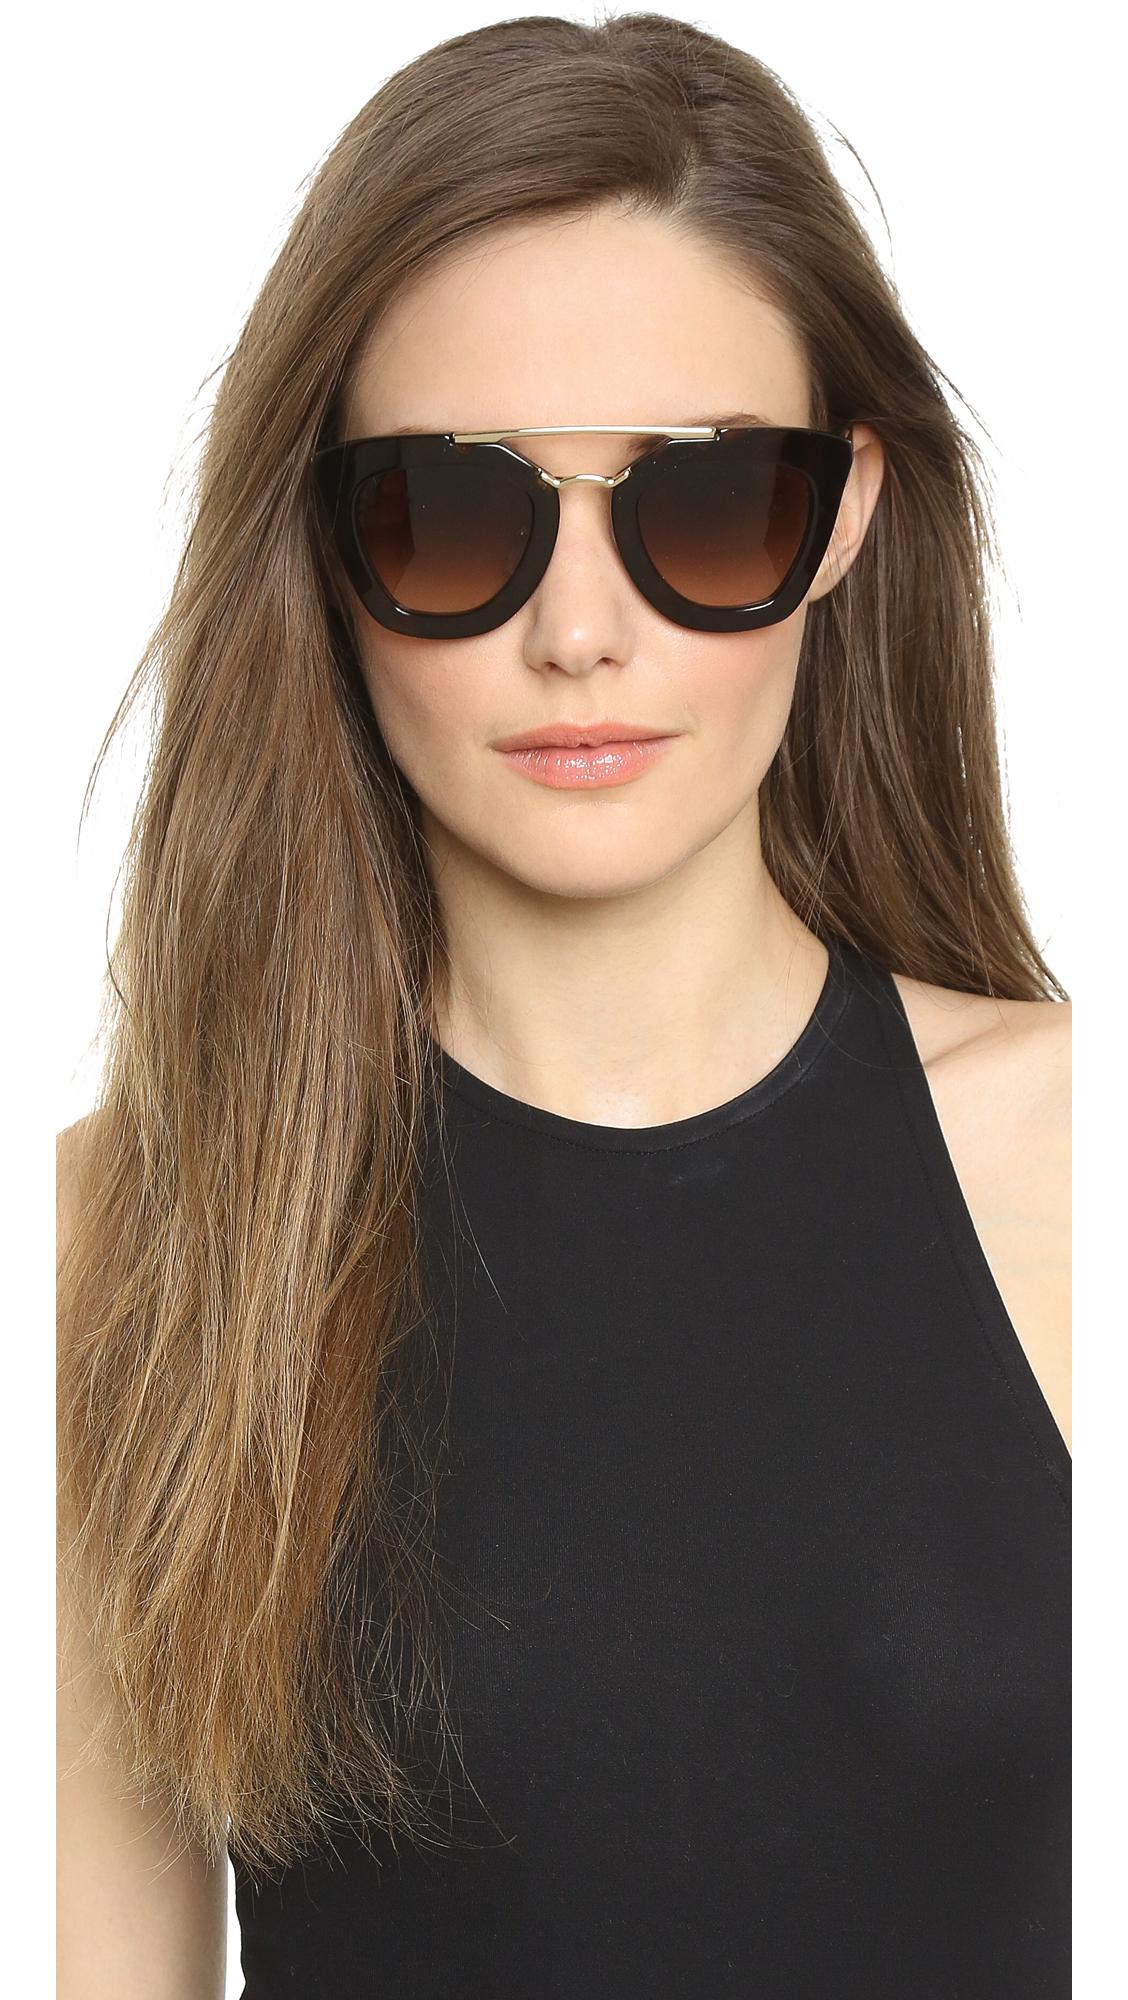 b859152f02a ... sale prada thick frame sunglasses shopbop 69bb3 d60e1